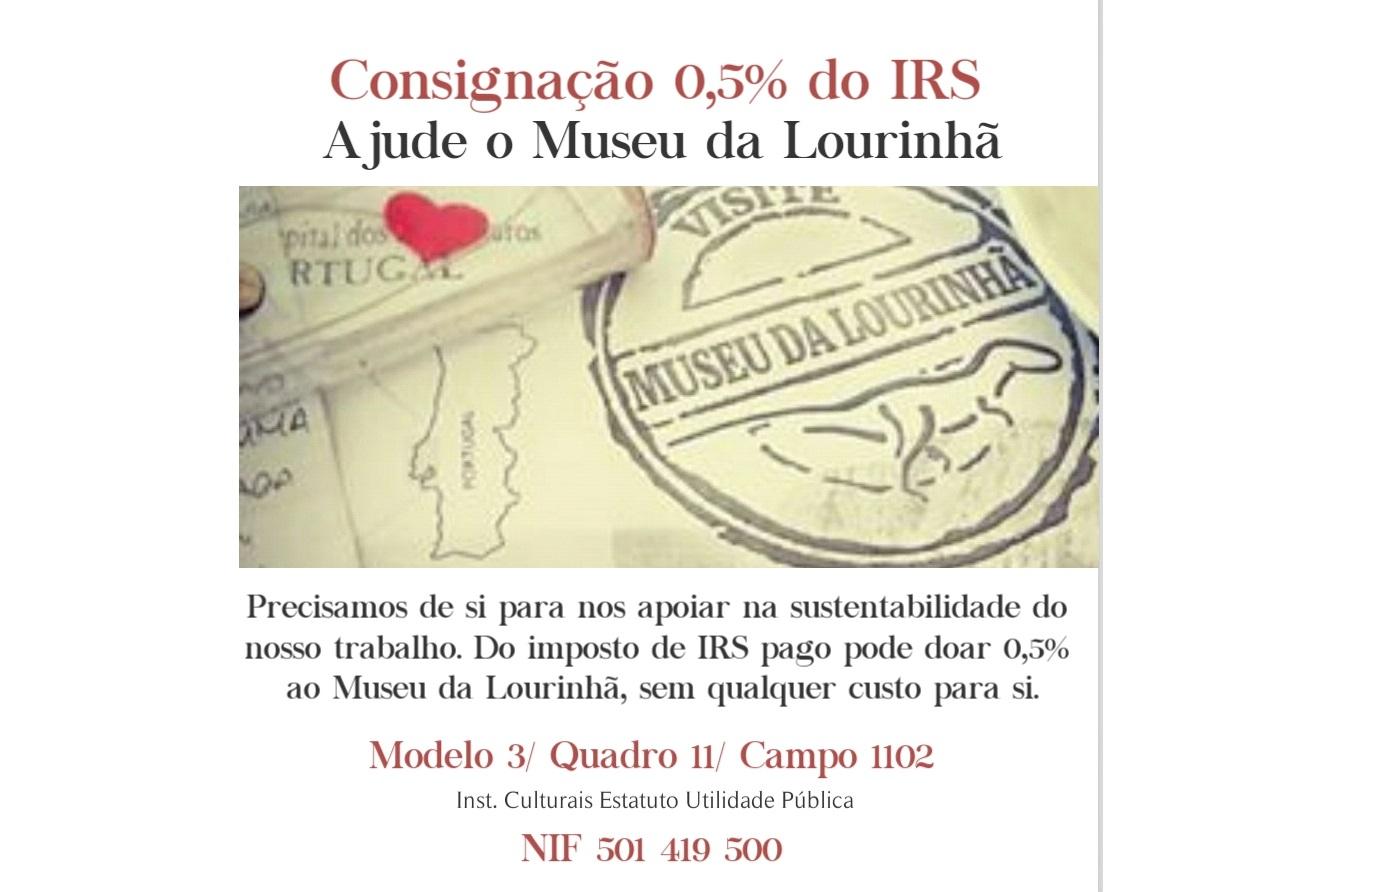 Consignação IRS GEAL